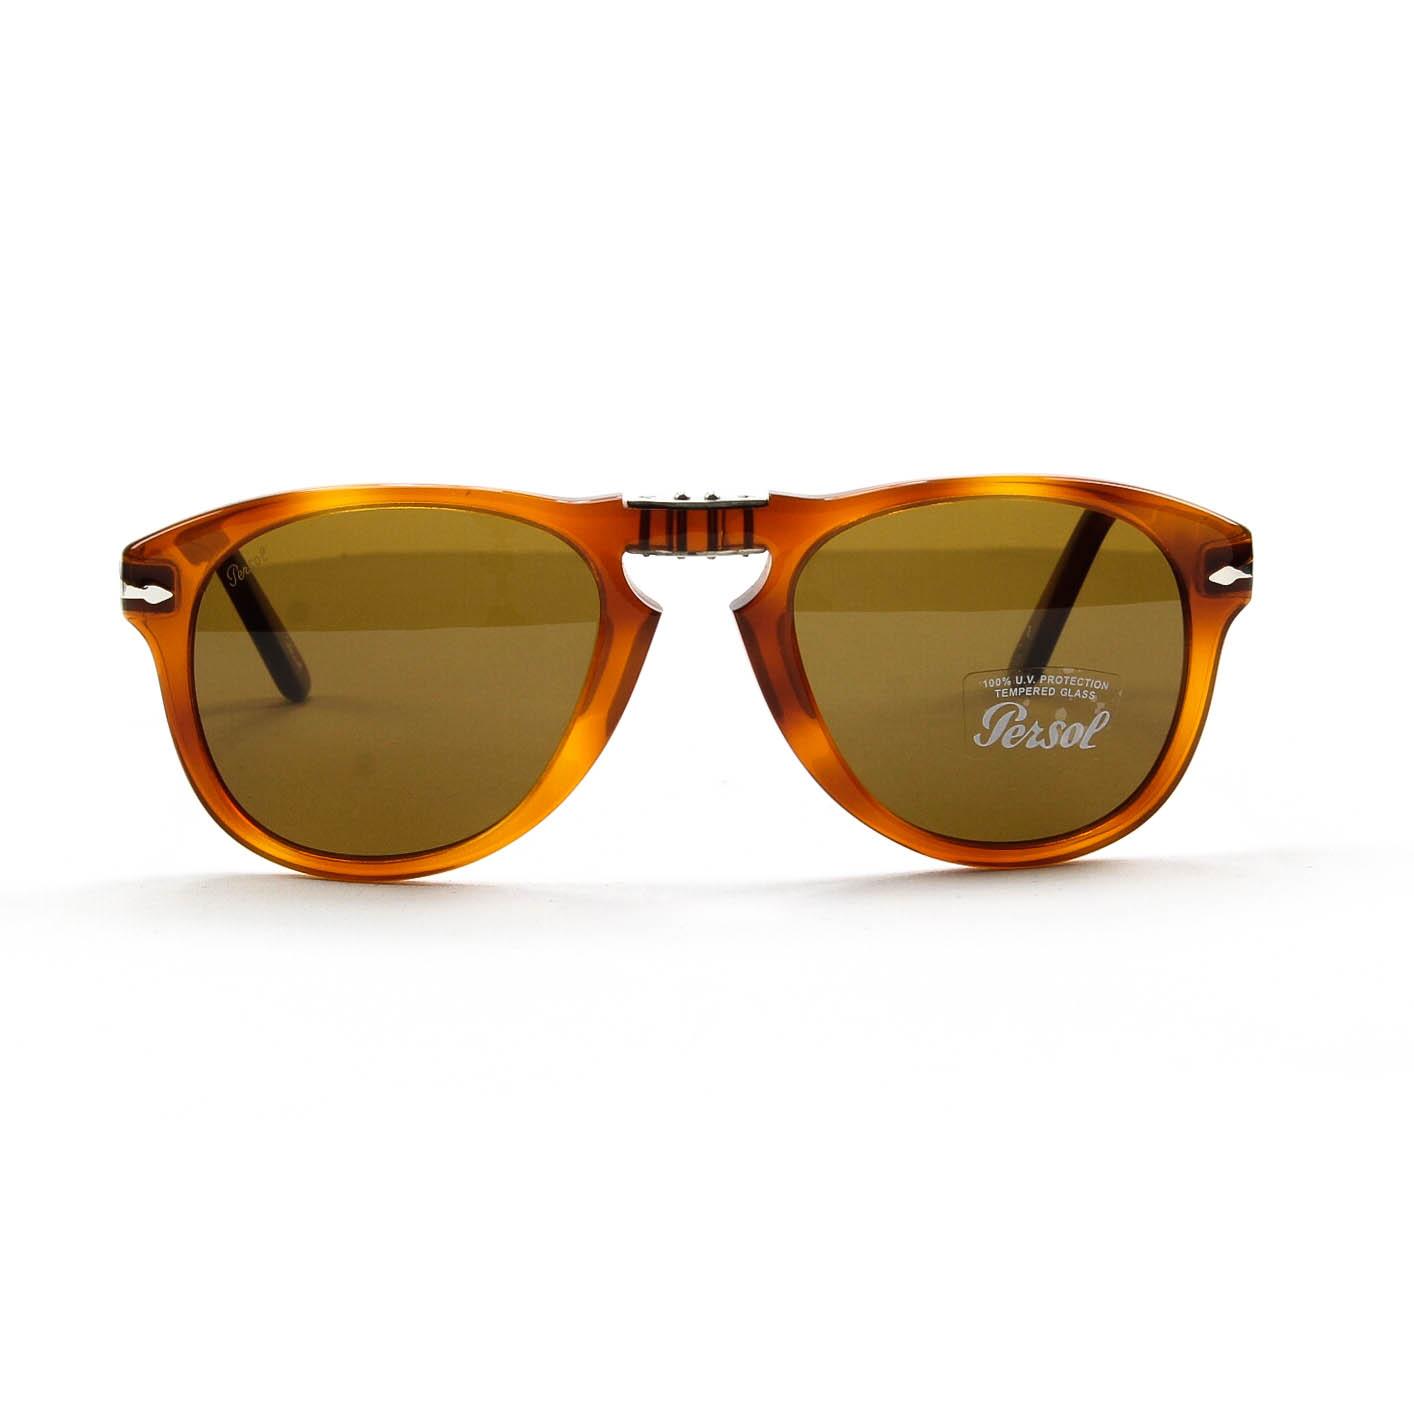 68e4419ce0e Persol 649 Sunglasses Light Havana - Bitterroot Public Library